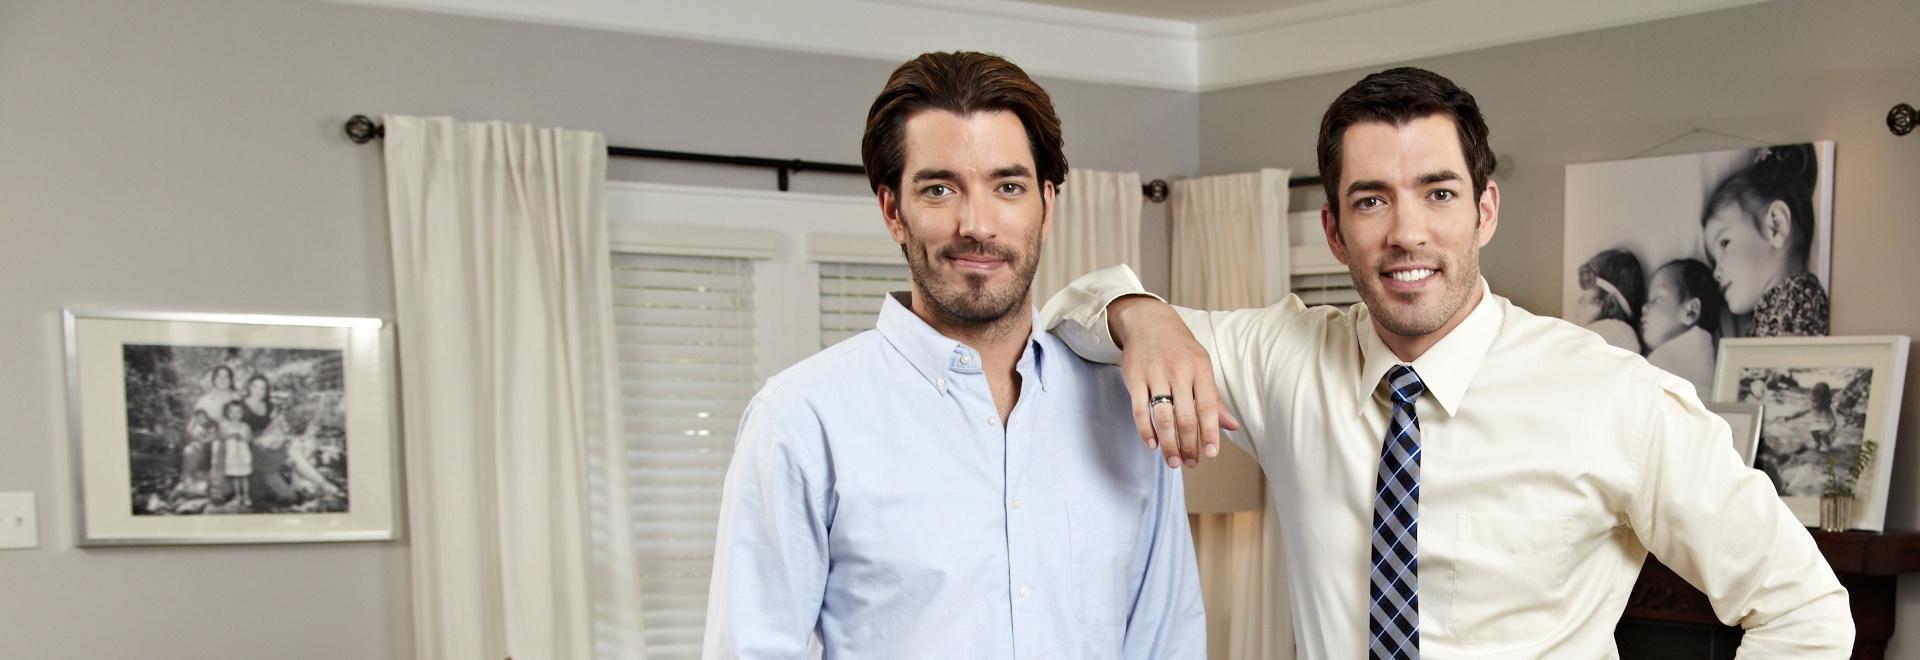 James & David